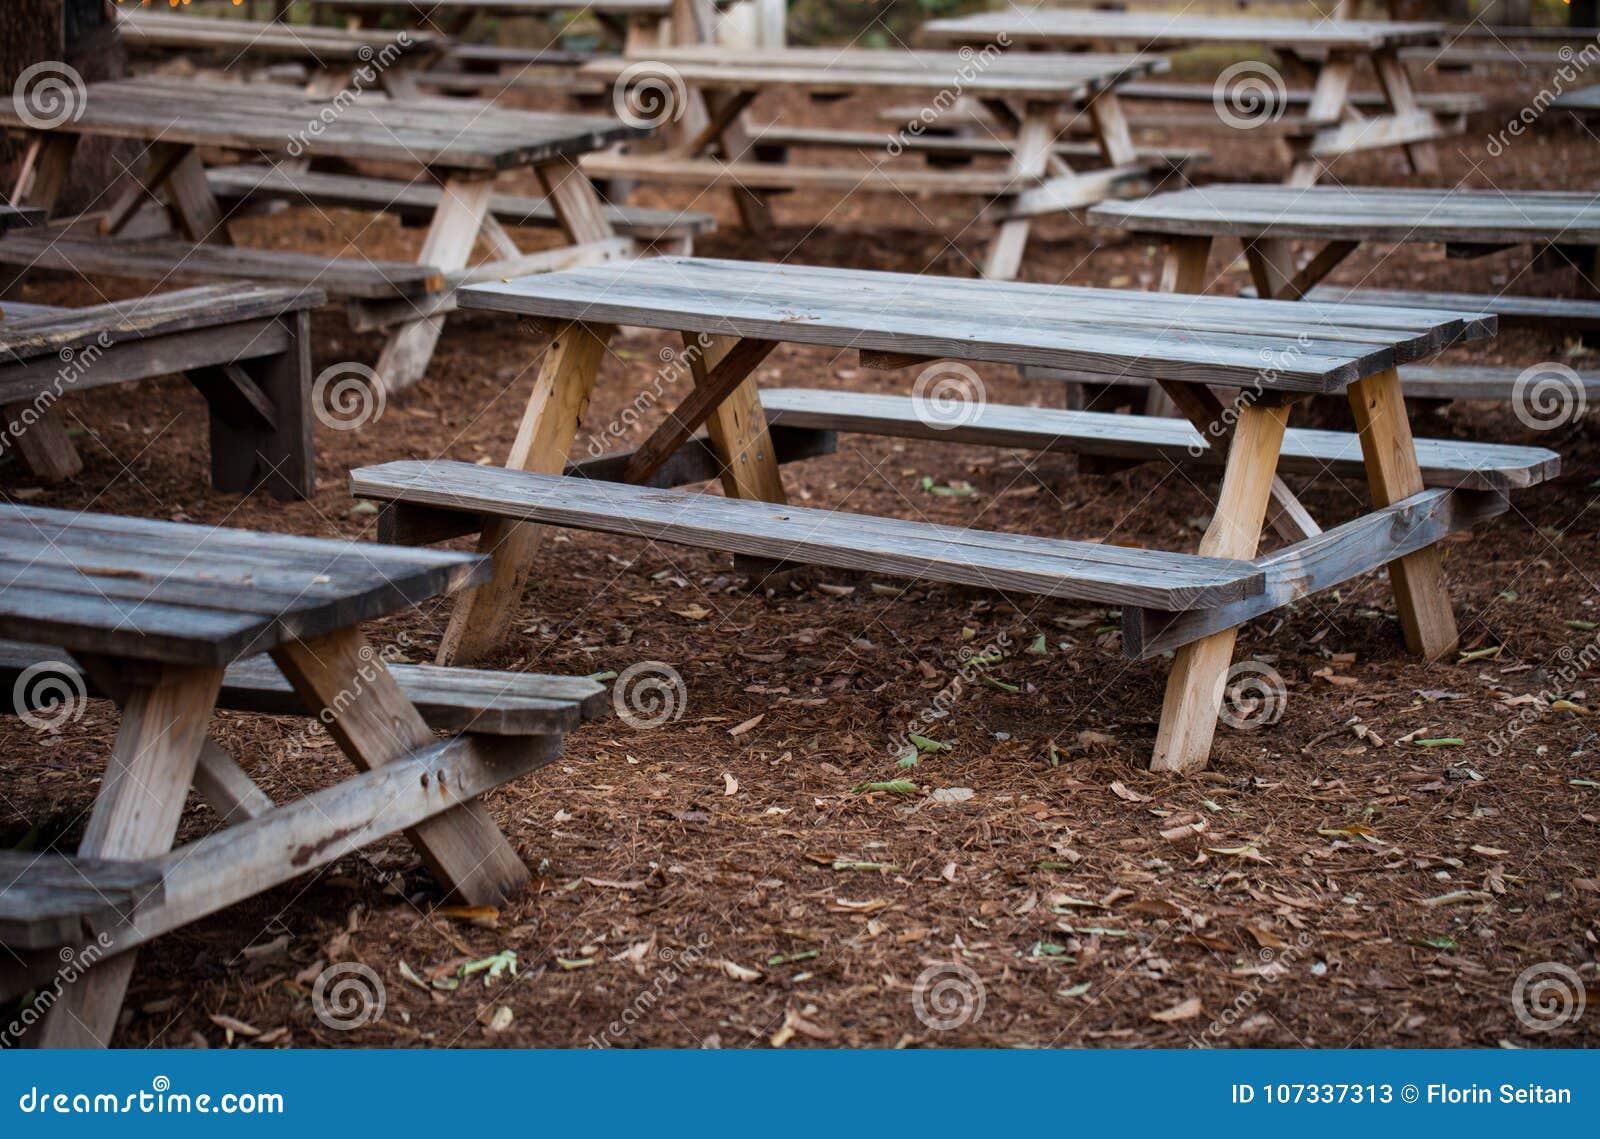 Wooden Rustic Benchesoutdoor Restaurant Patio Stock Image Image